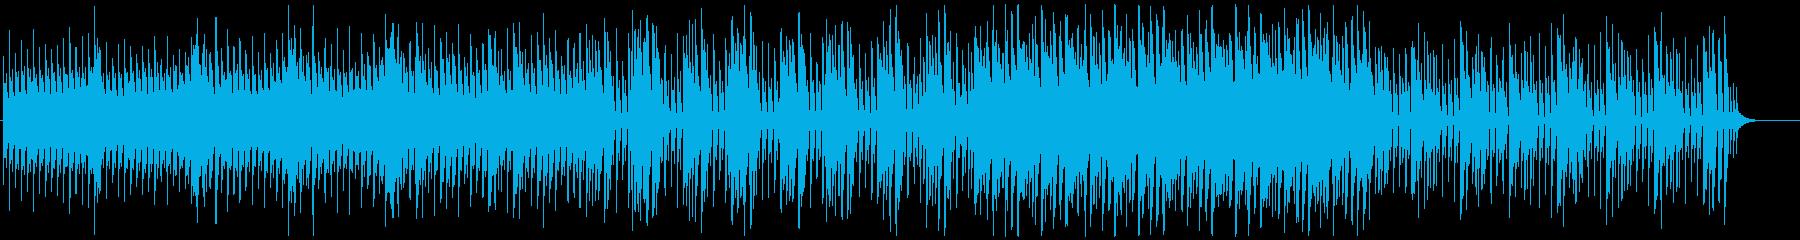 明るい/4つ打ち/ピアノの感動系ポップスの再生済みの波形